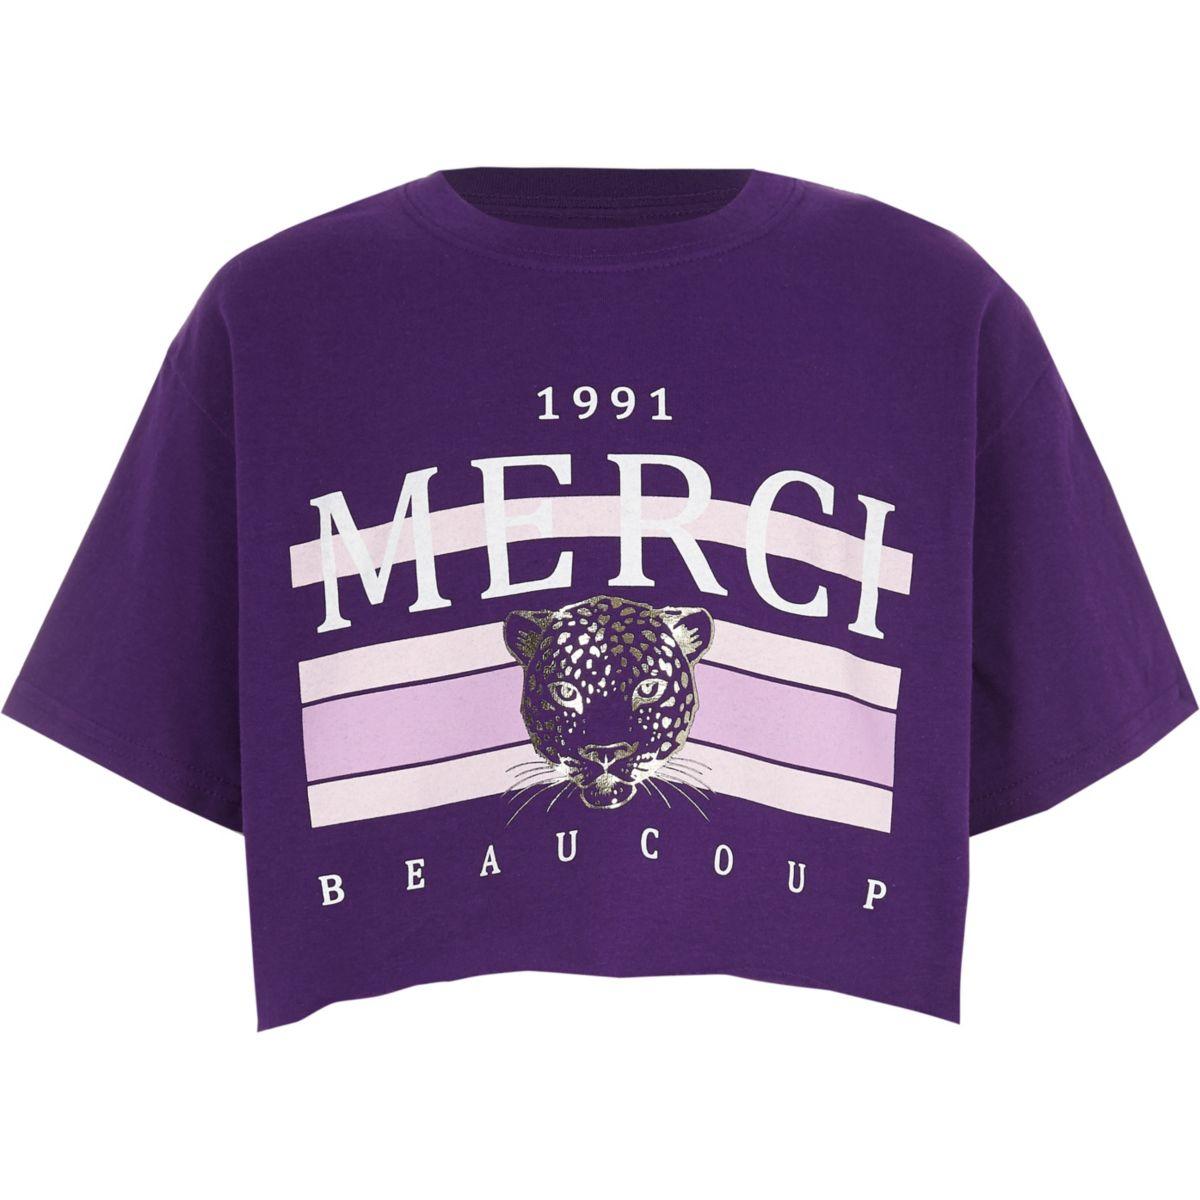 T-shirt court à imprimé « Merci » violet pour fille